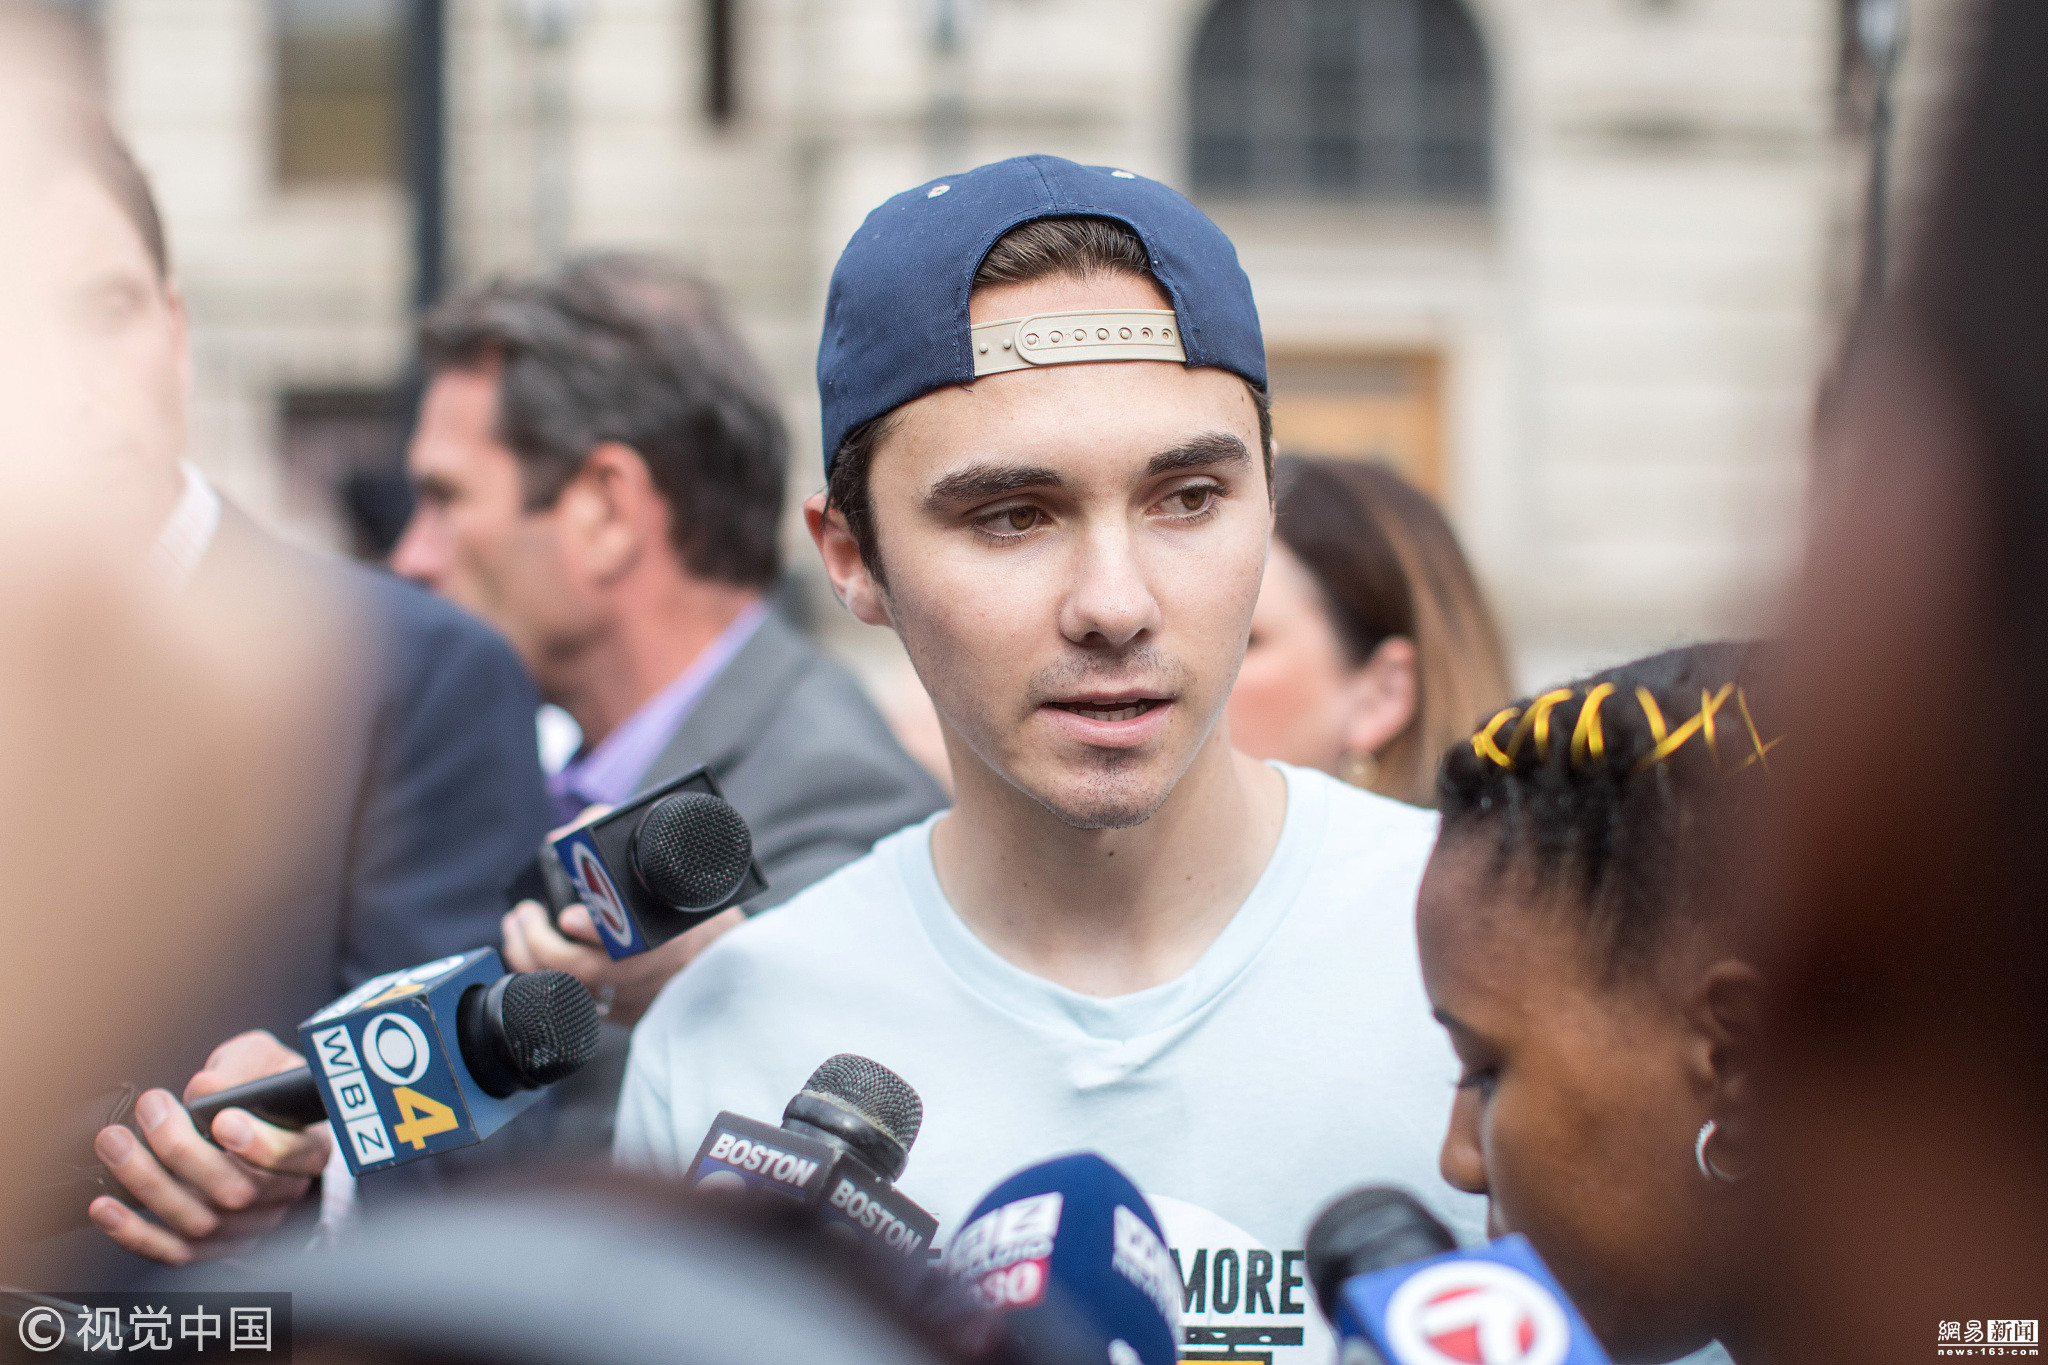 美国校园枪击案幸存者参加示威游行